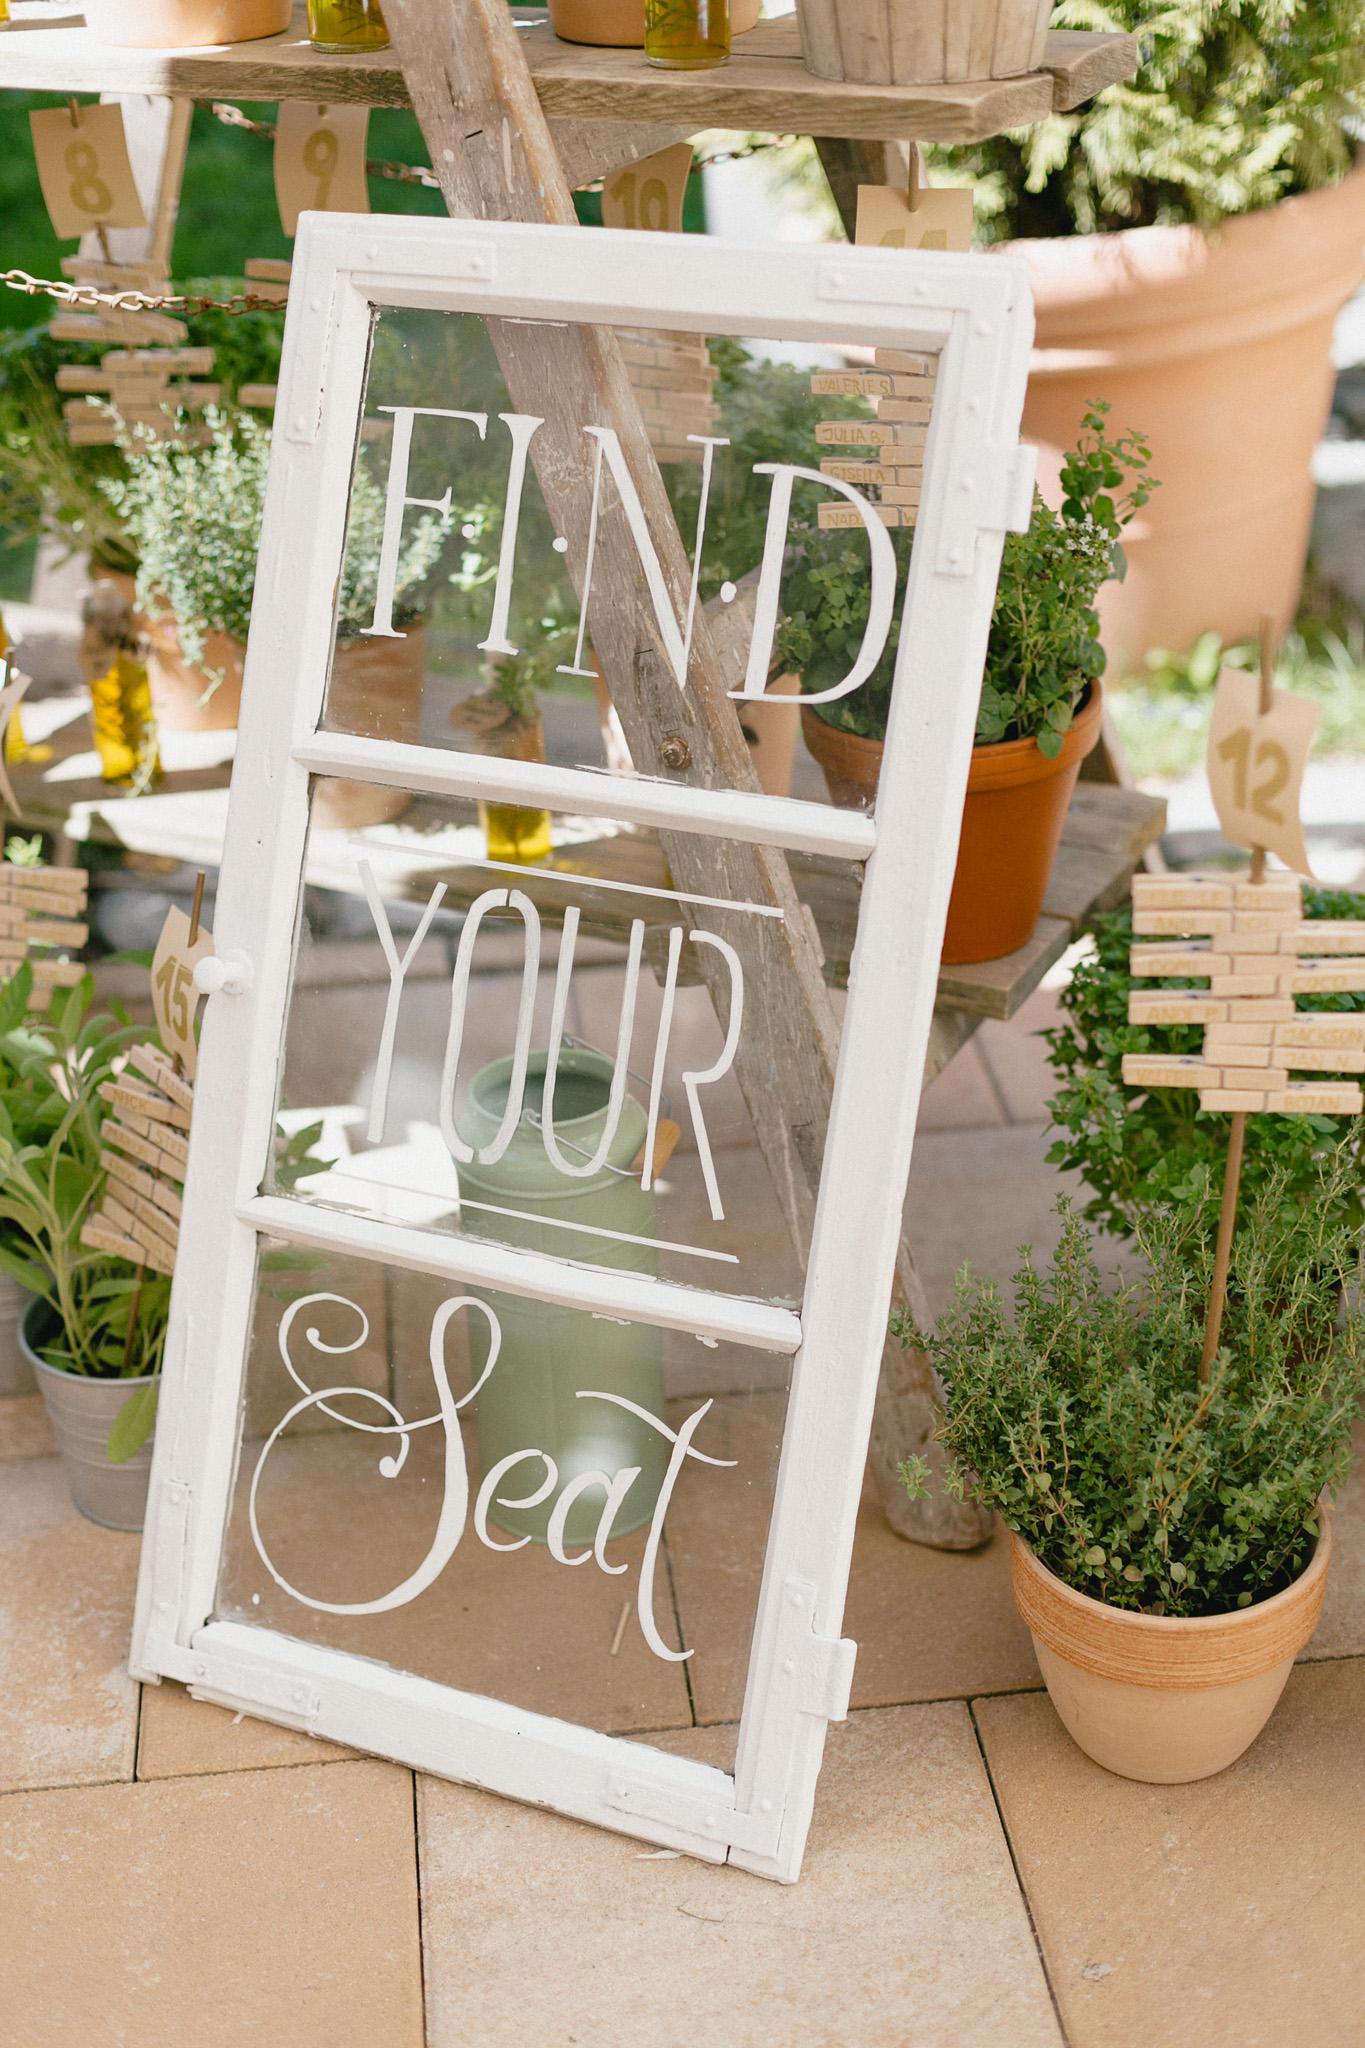 Sitzplan Hochzeit selber machen, Sitzplan auf Fensterscheibe und mit Blumentöpfen DIY